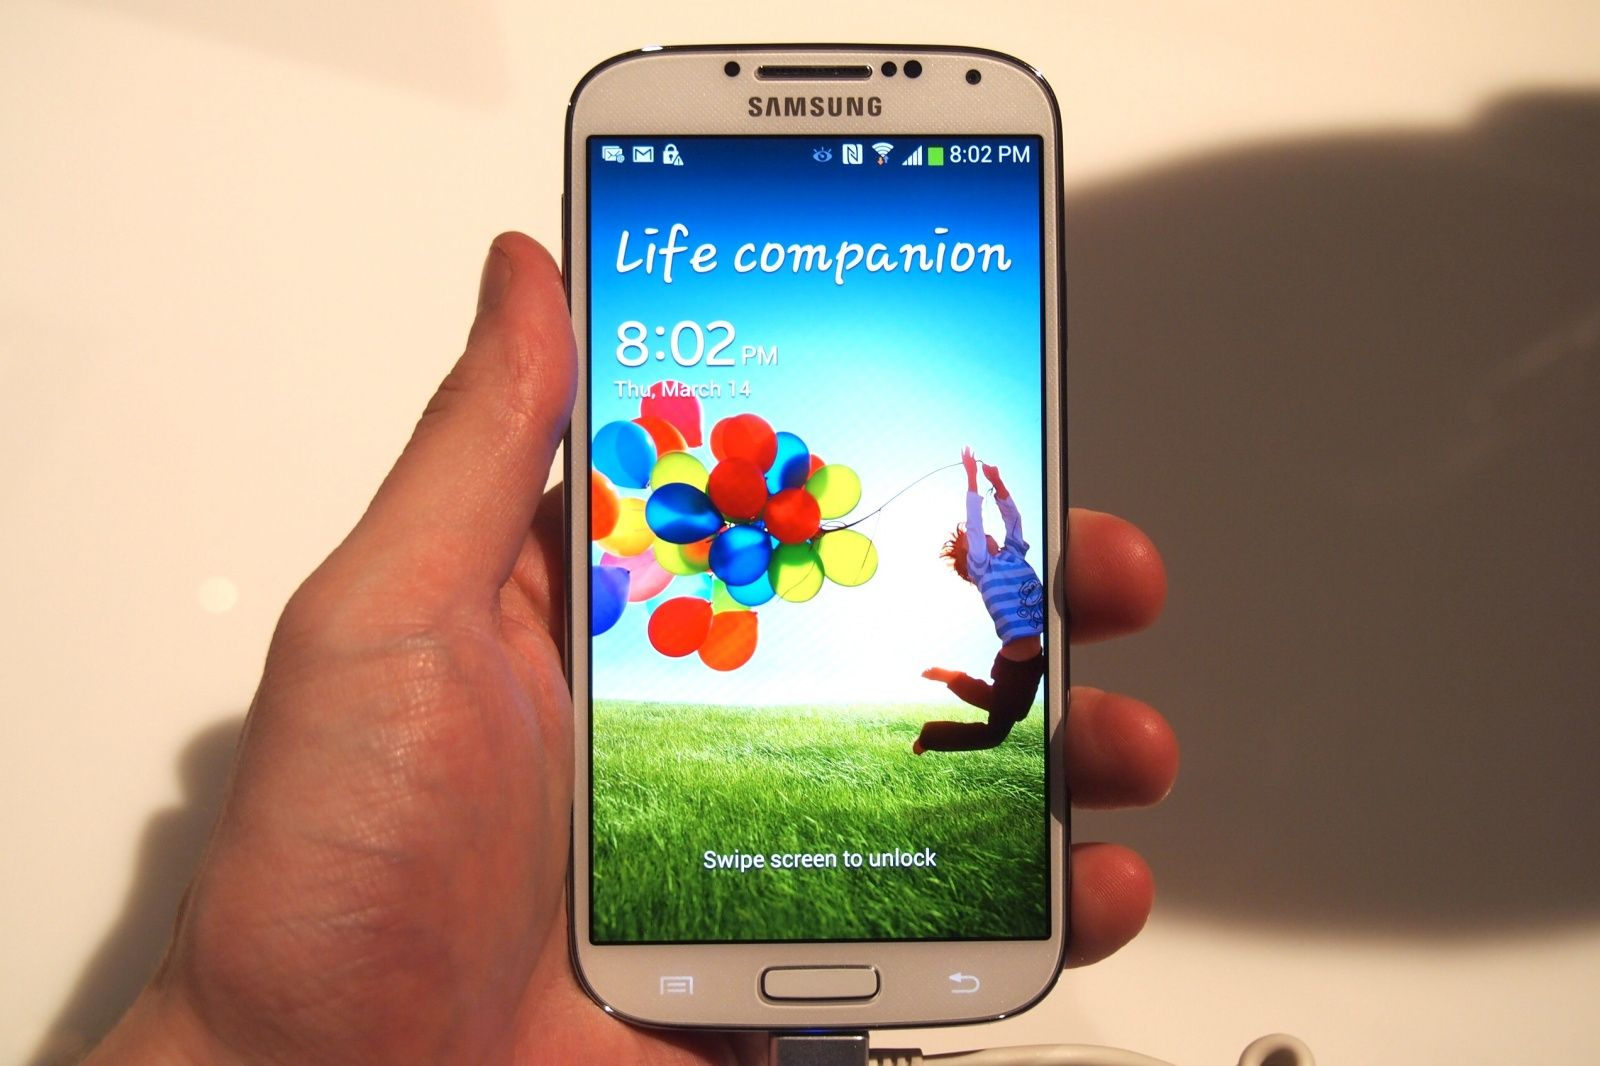 Galaxy S4 scheda tecnica